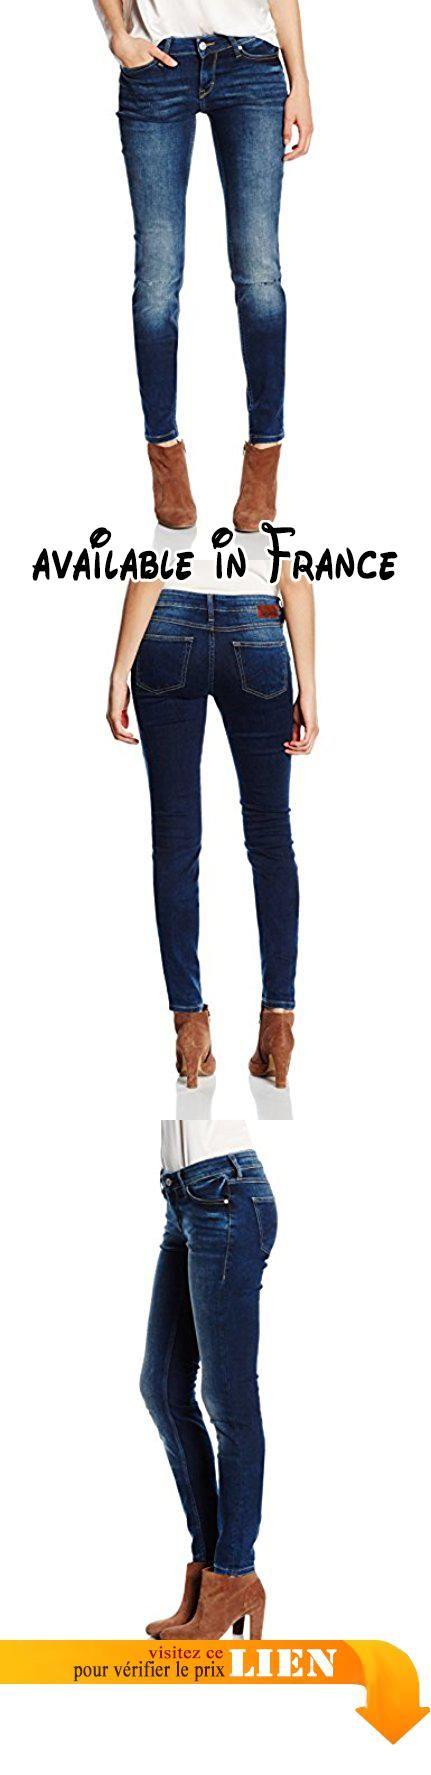 Mustang Jasmin Jeggins, Jeans Femme, Bleu-Bleu Foncé Usé (586), 28 W/32 L.  #Apparel #PANTS